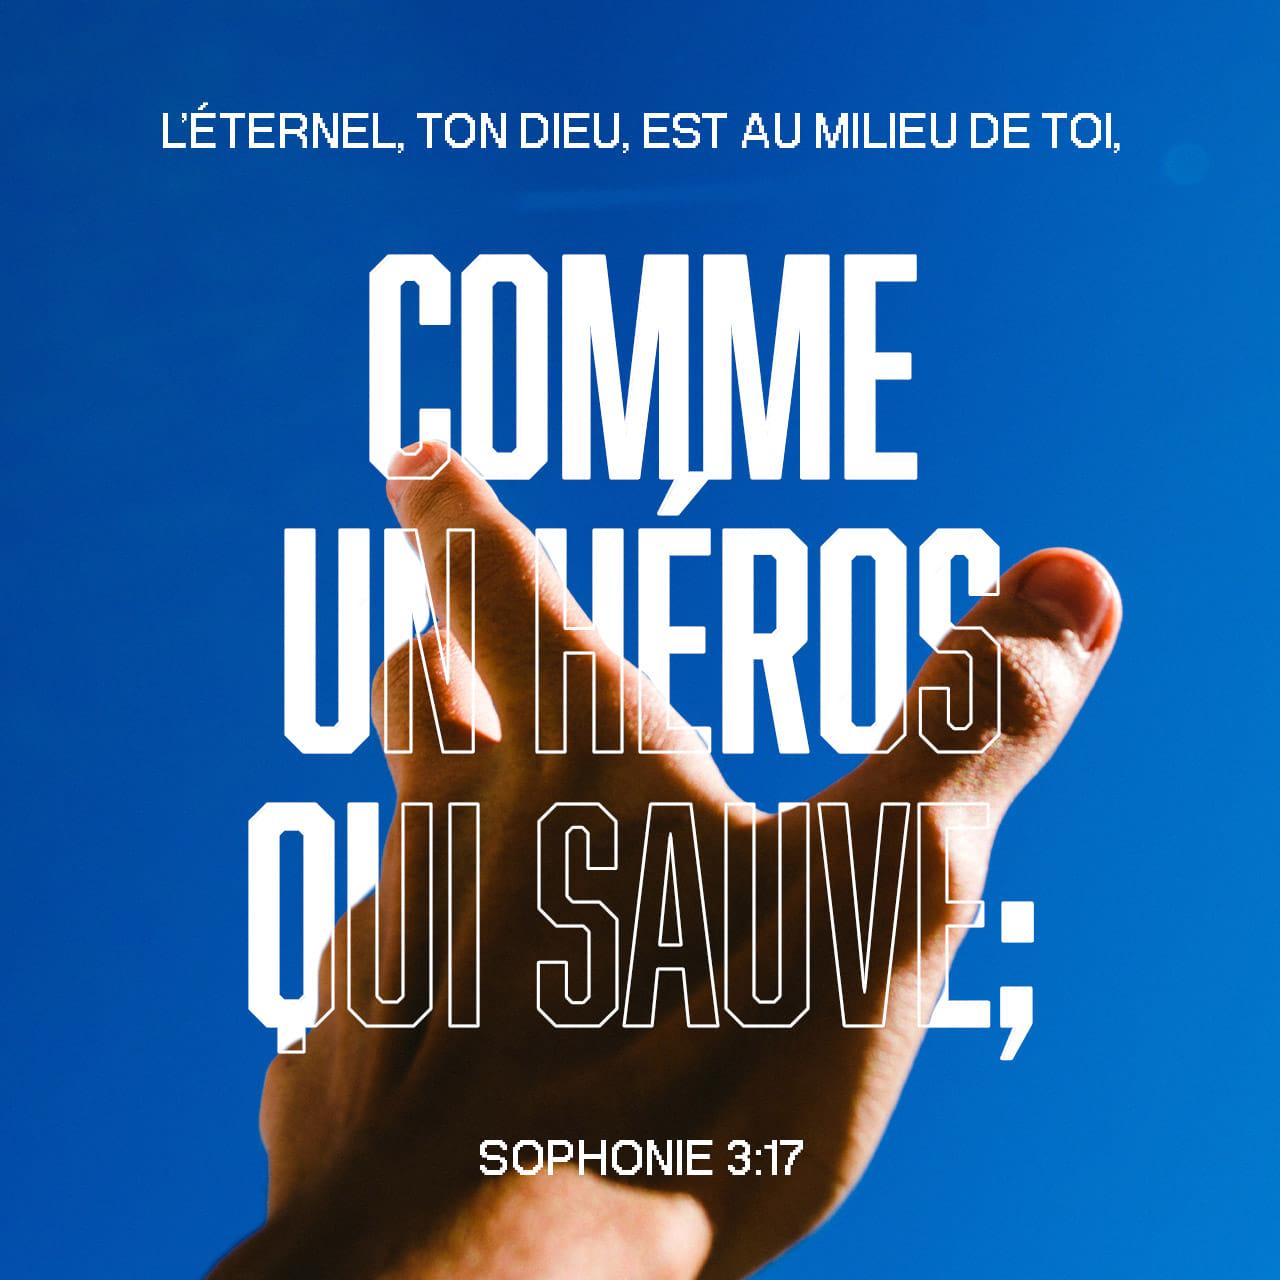 """""""L'Éternel, ton Dieu, est au milieu de toi, comme un héros qui sauve"""" (Sophonie 3:17)"""